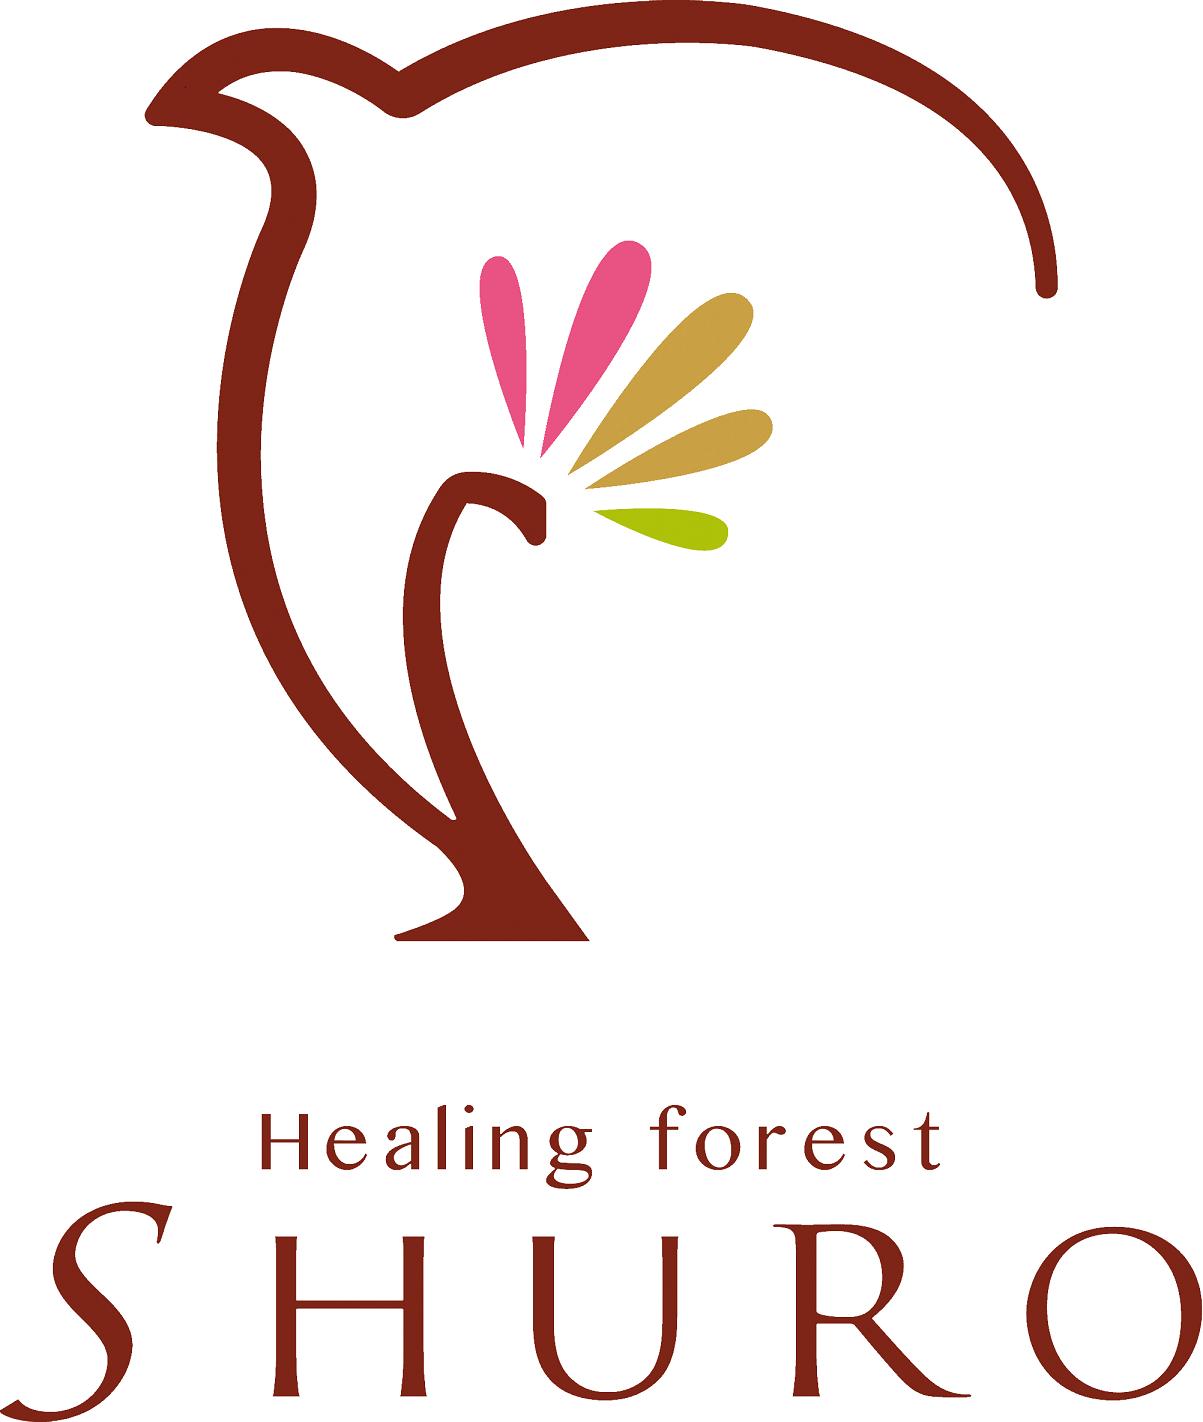 セラピスト【土日のみ勤務】(癒しの森~Healing forest Shuro 本店~)